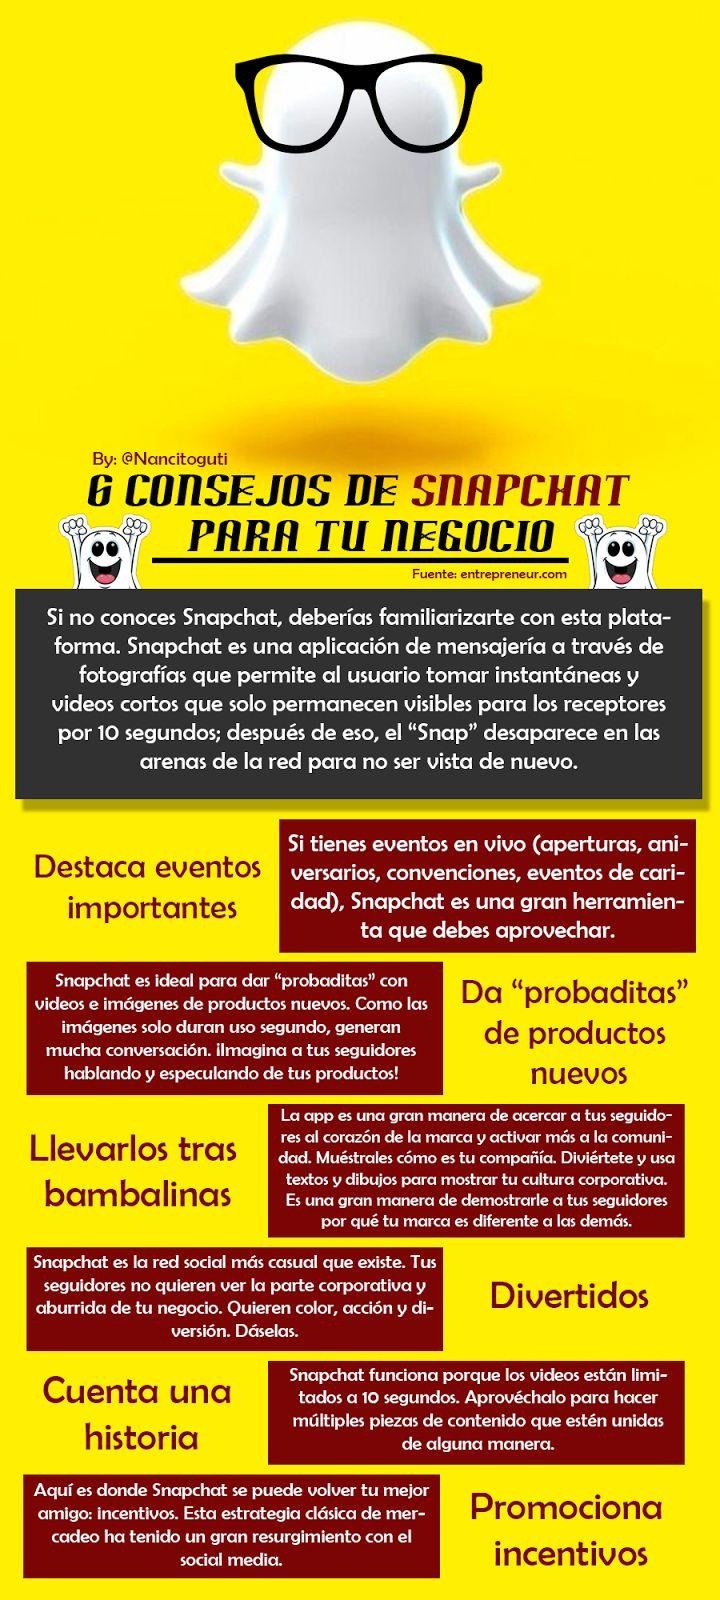 S consejos sobre Snapchat para tu empresa #infografia #infographic #socialmedia | TICs y Formación